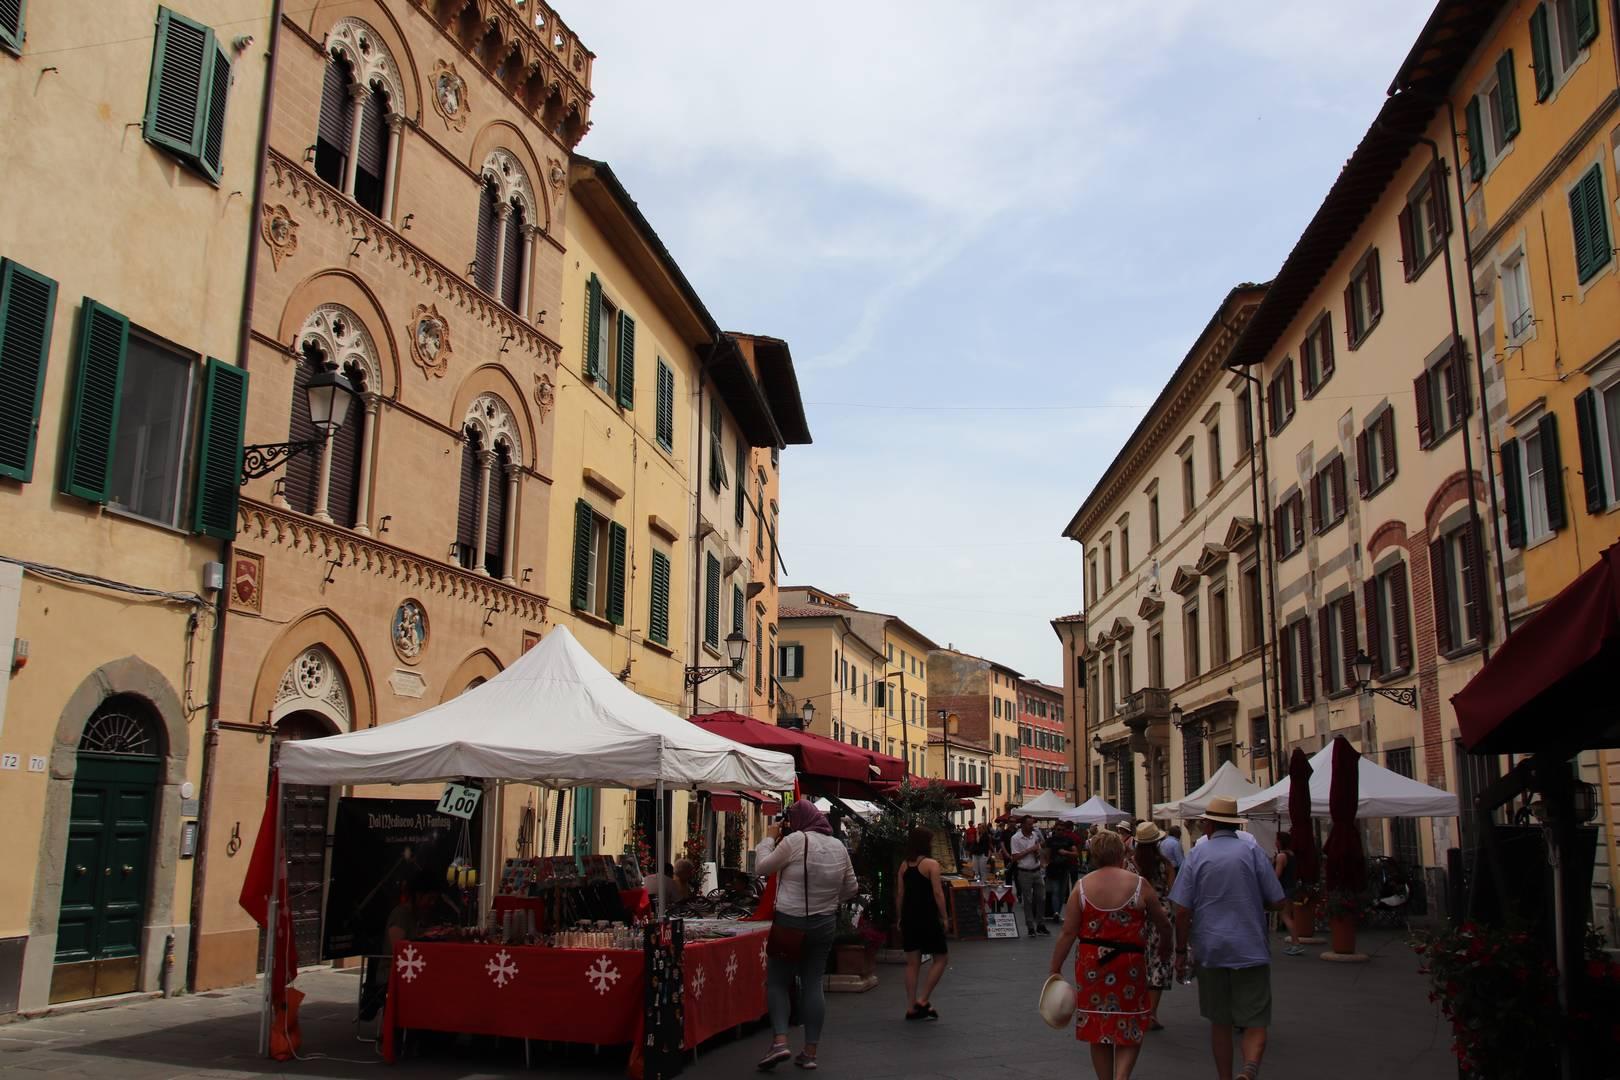 Italie - Dans les ruelles colorées de Pise